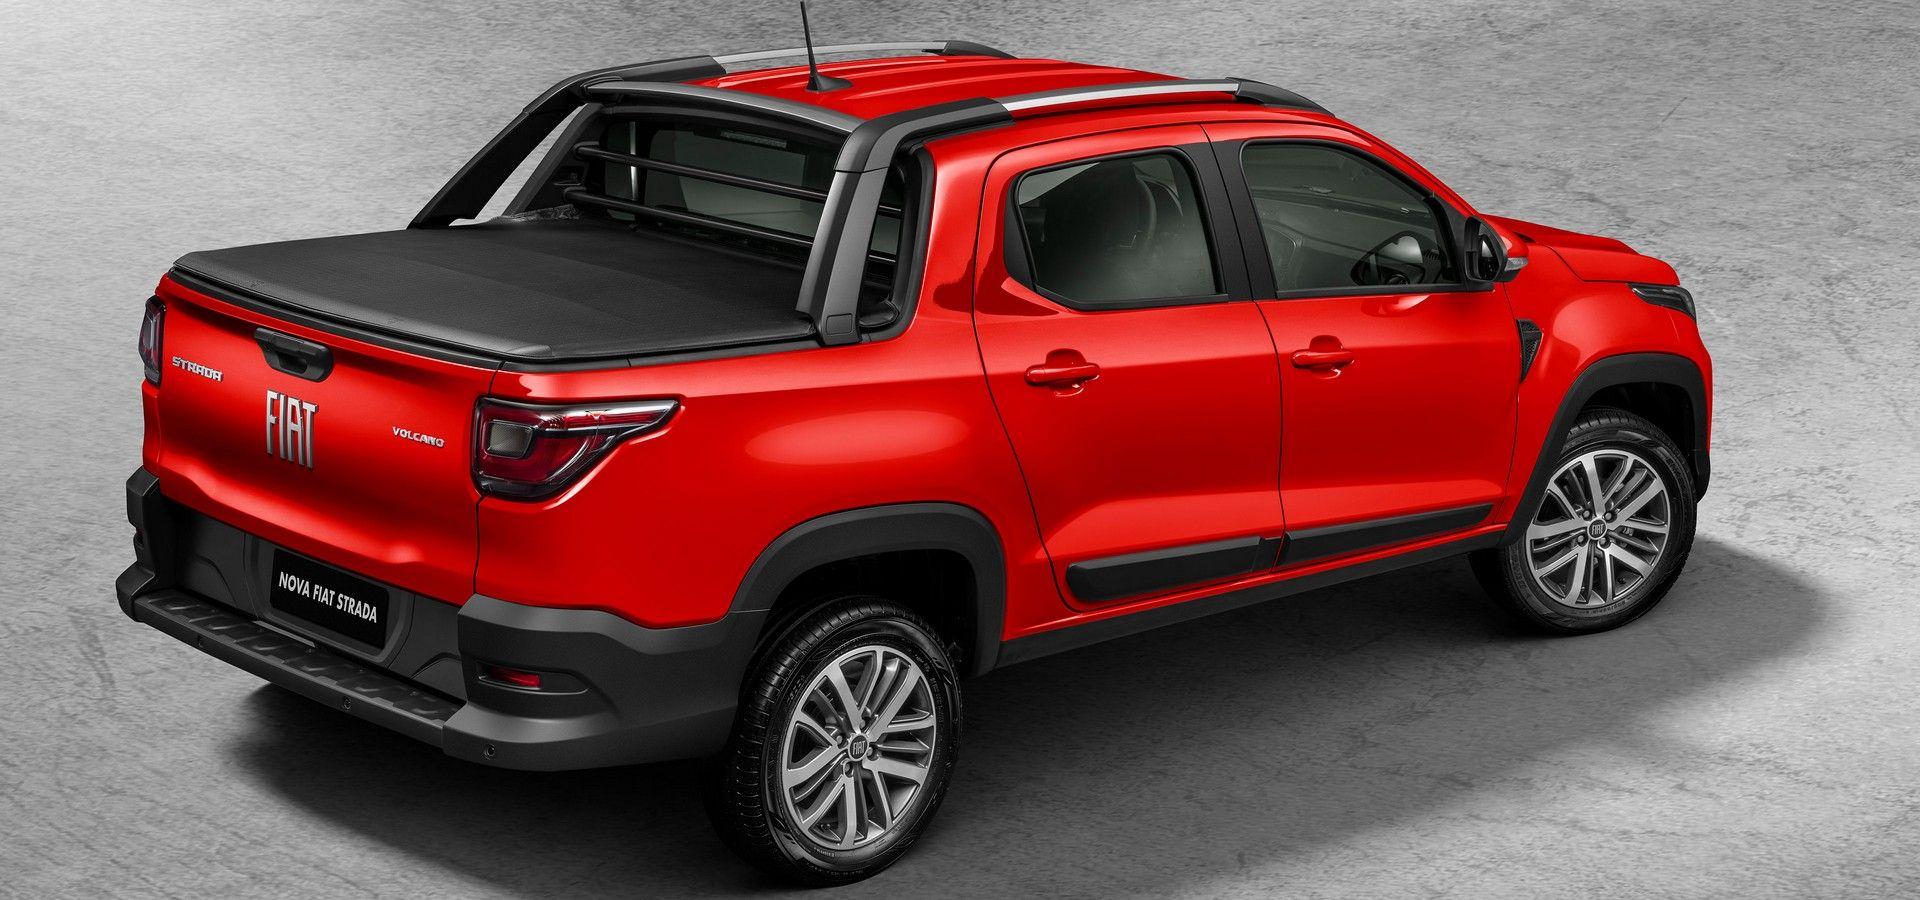 Fiat Strada je već treća generacija kompaktnog pick-upa